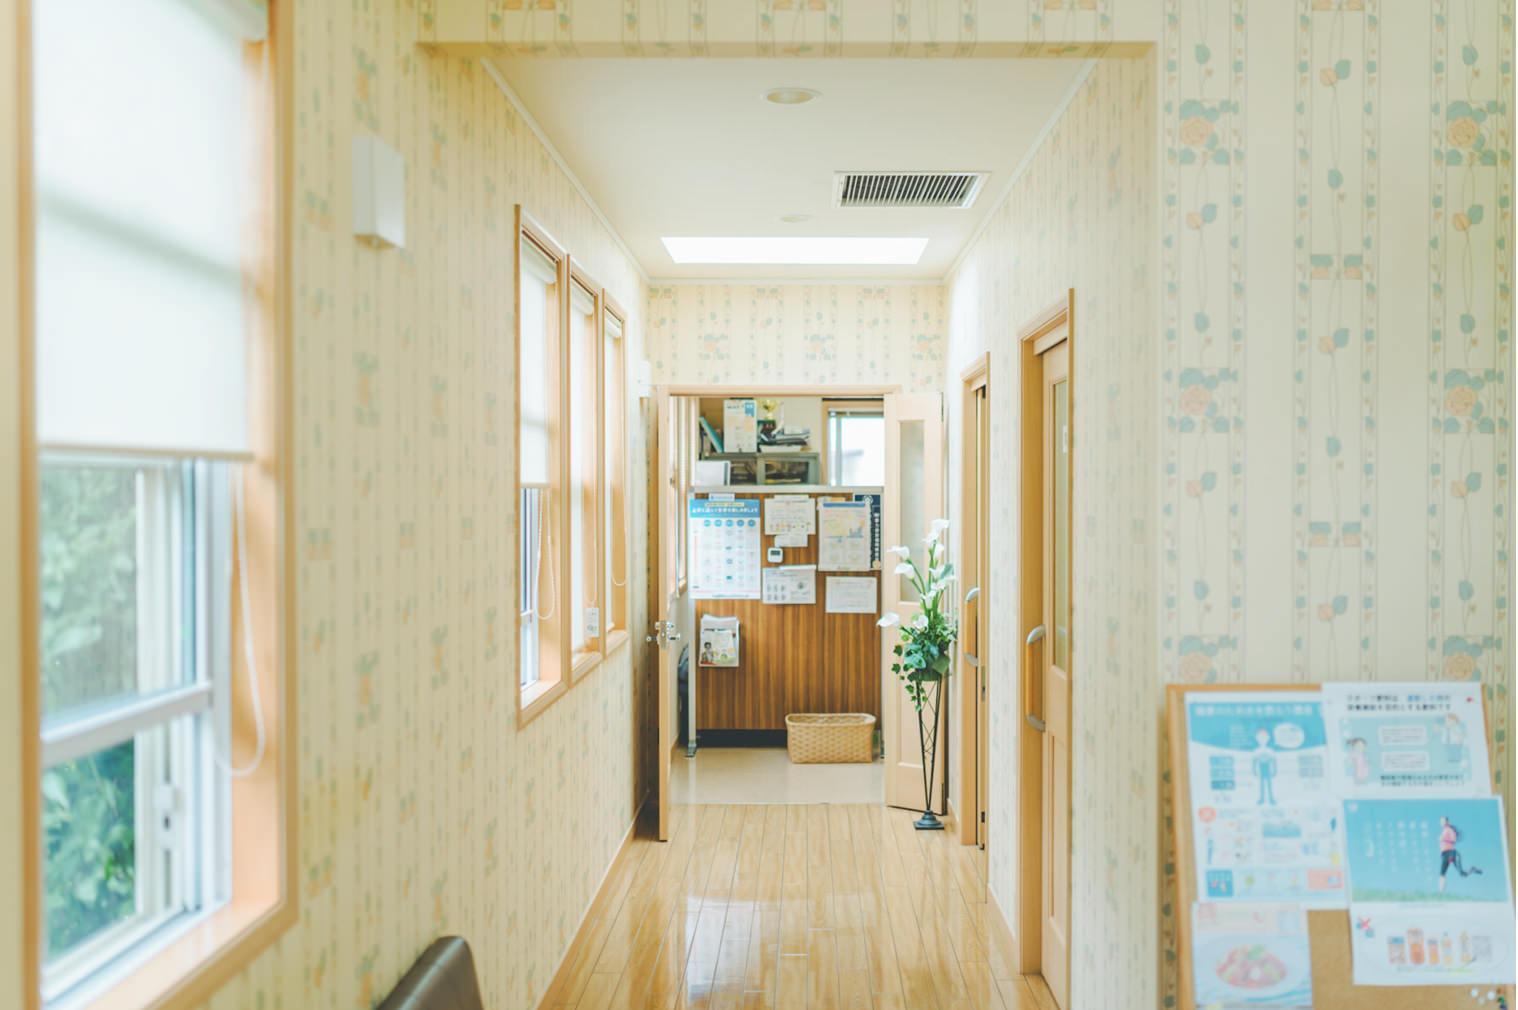 緒方内科医院のイメージ